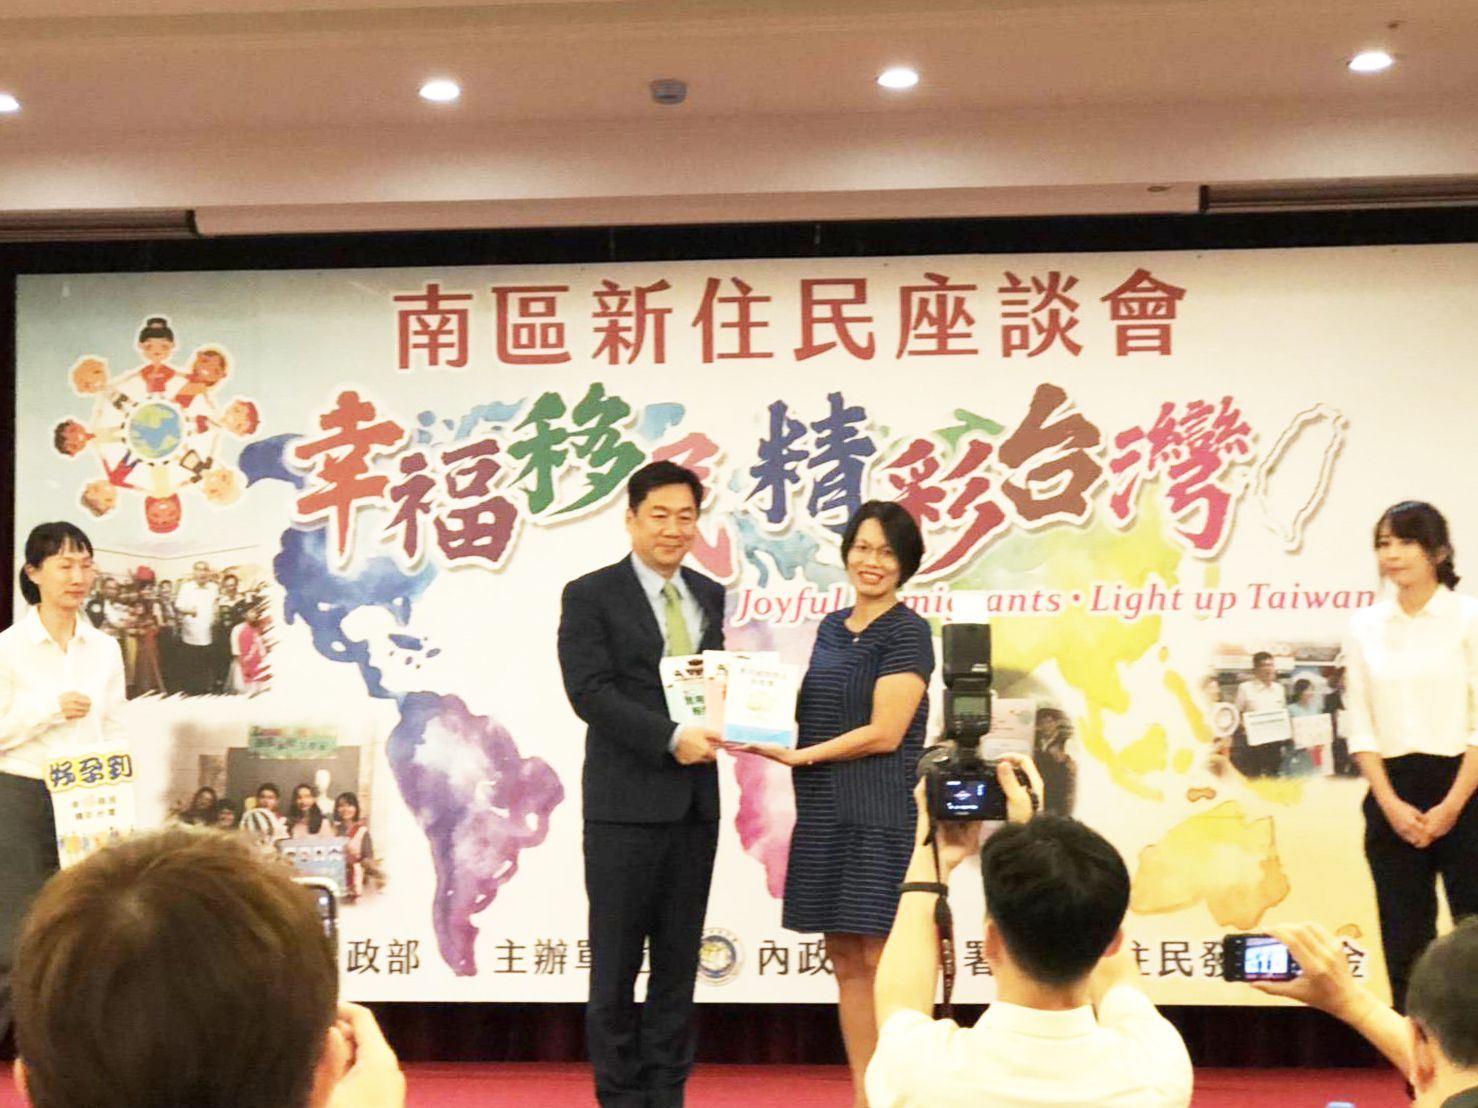 內政部政務次長陳宗彥(左)讚許青河努力不懈精神,堪稱新住民的表率